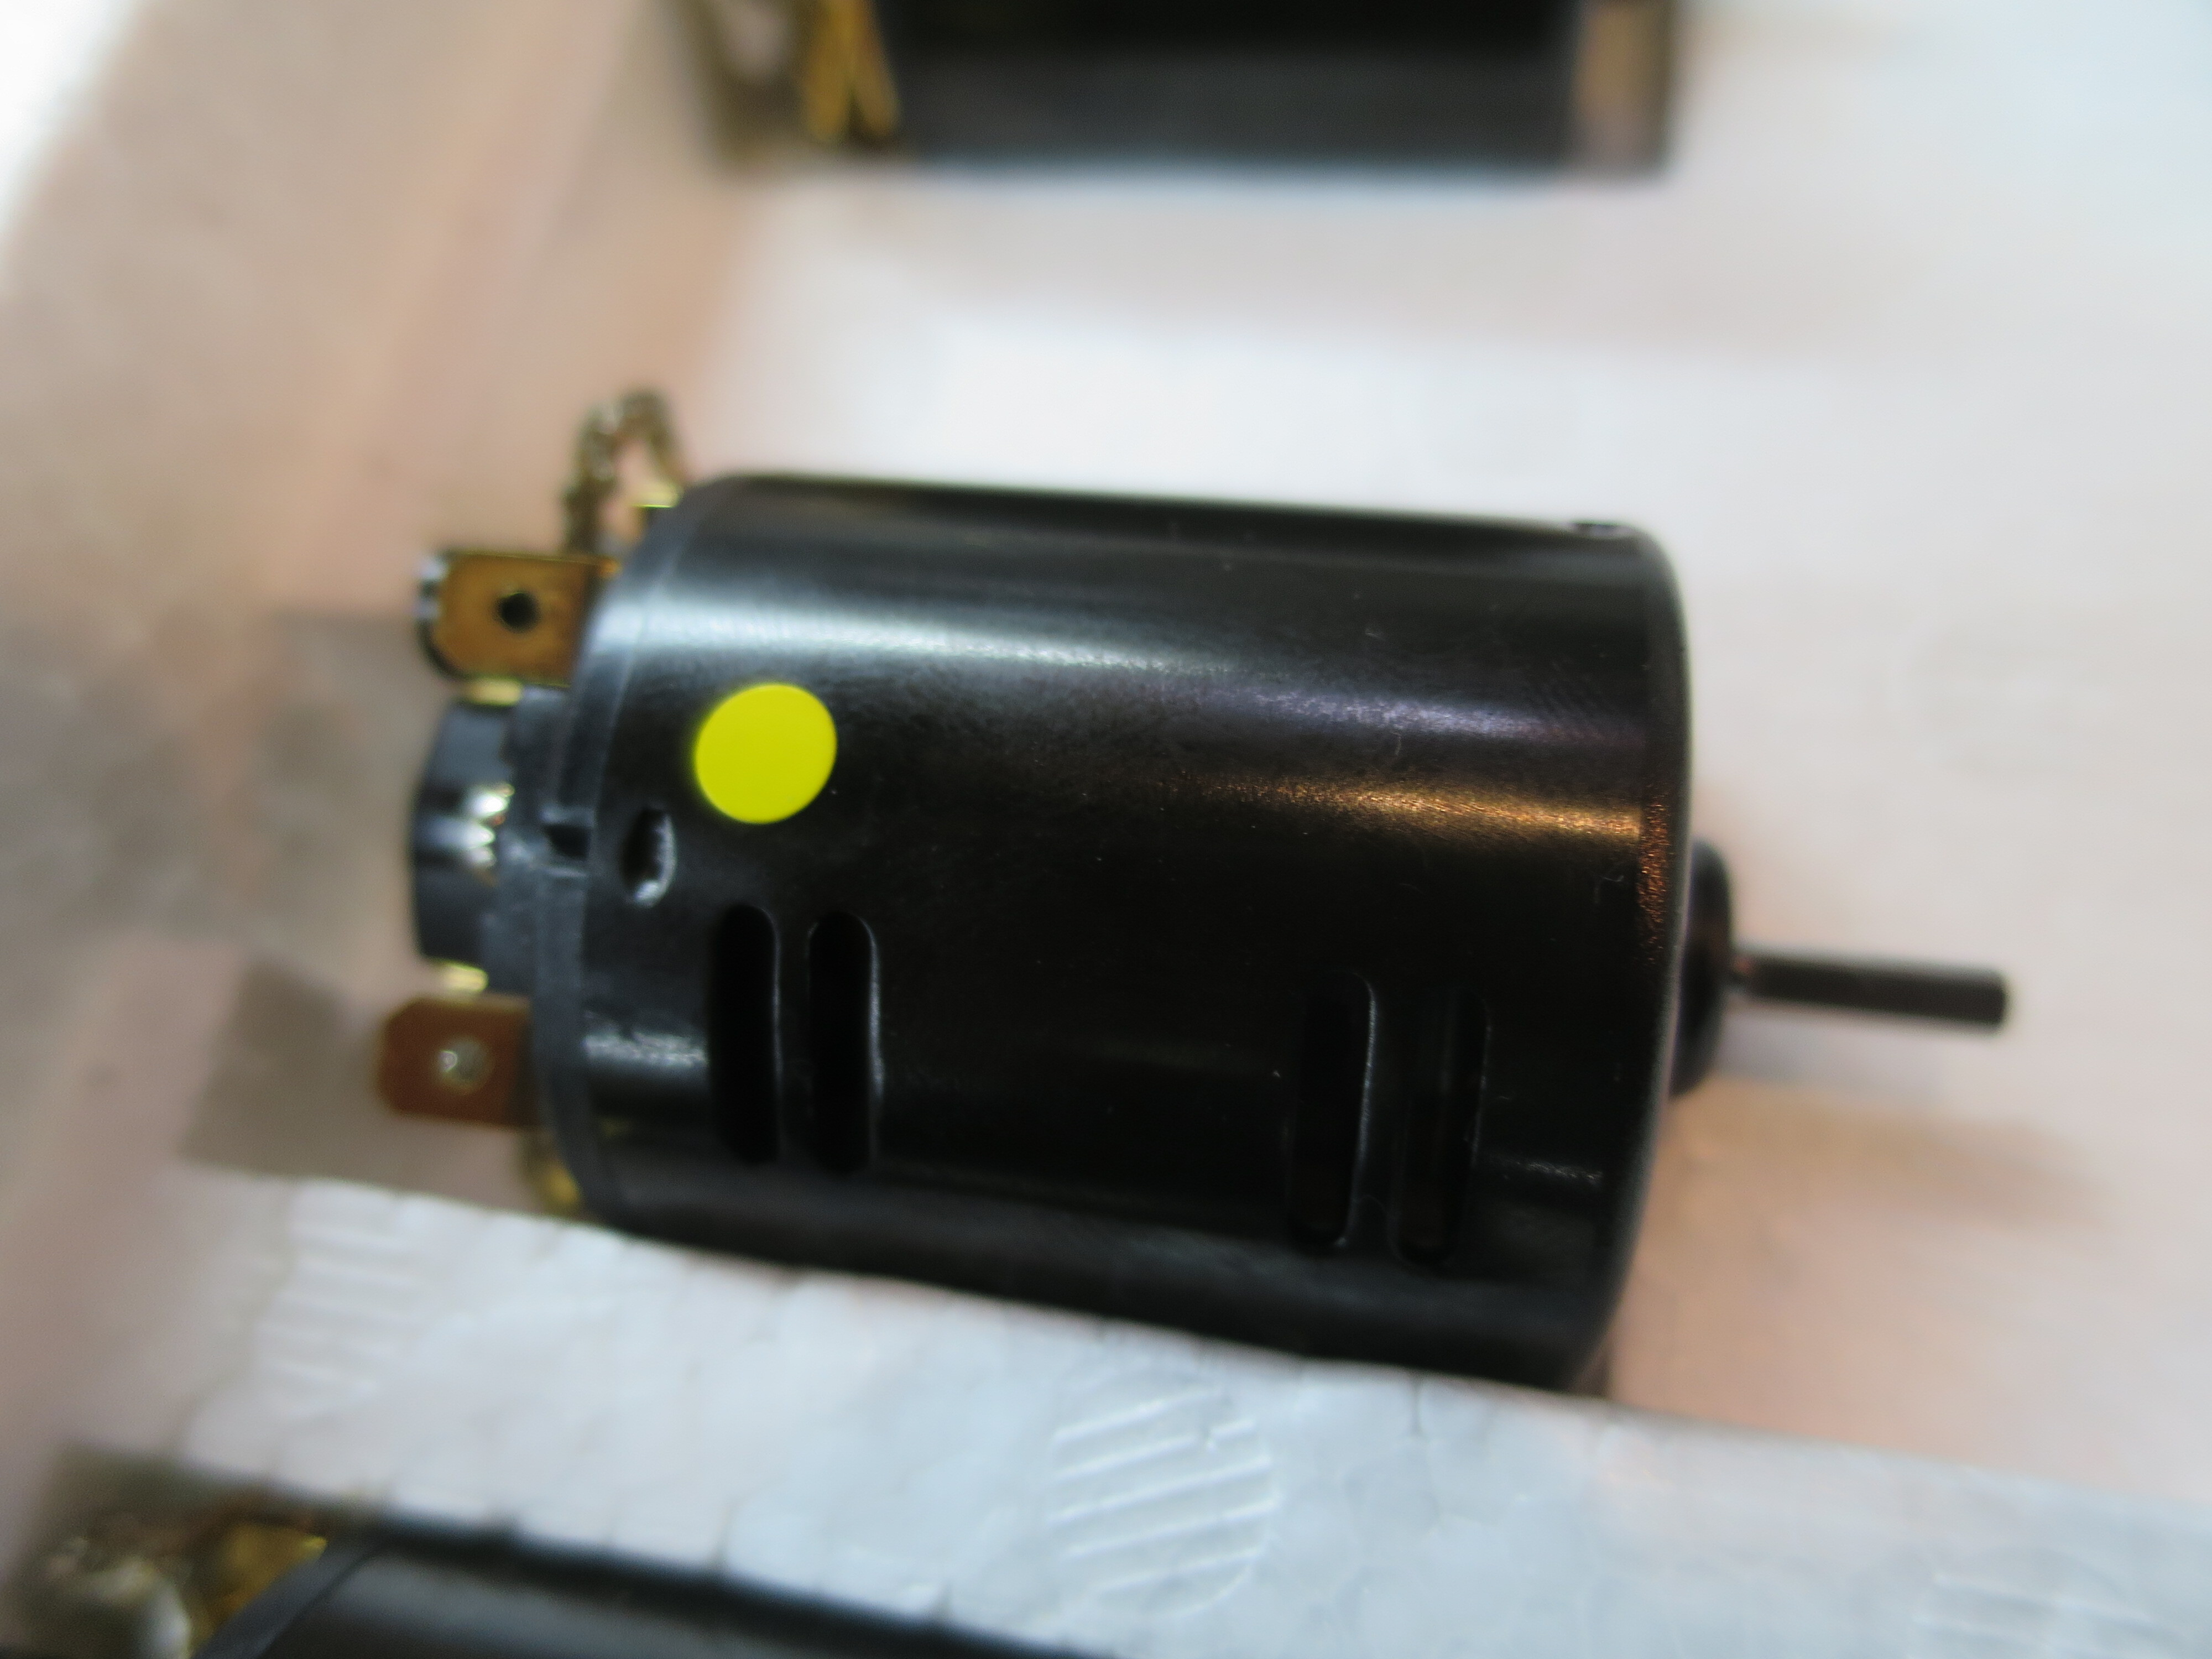 ピットインオリジナル 30ターンストックブラシモーター「おきらくモーター」